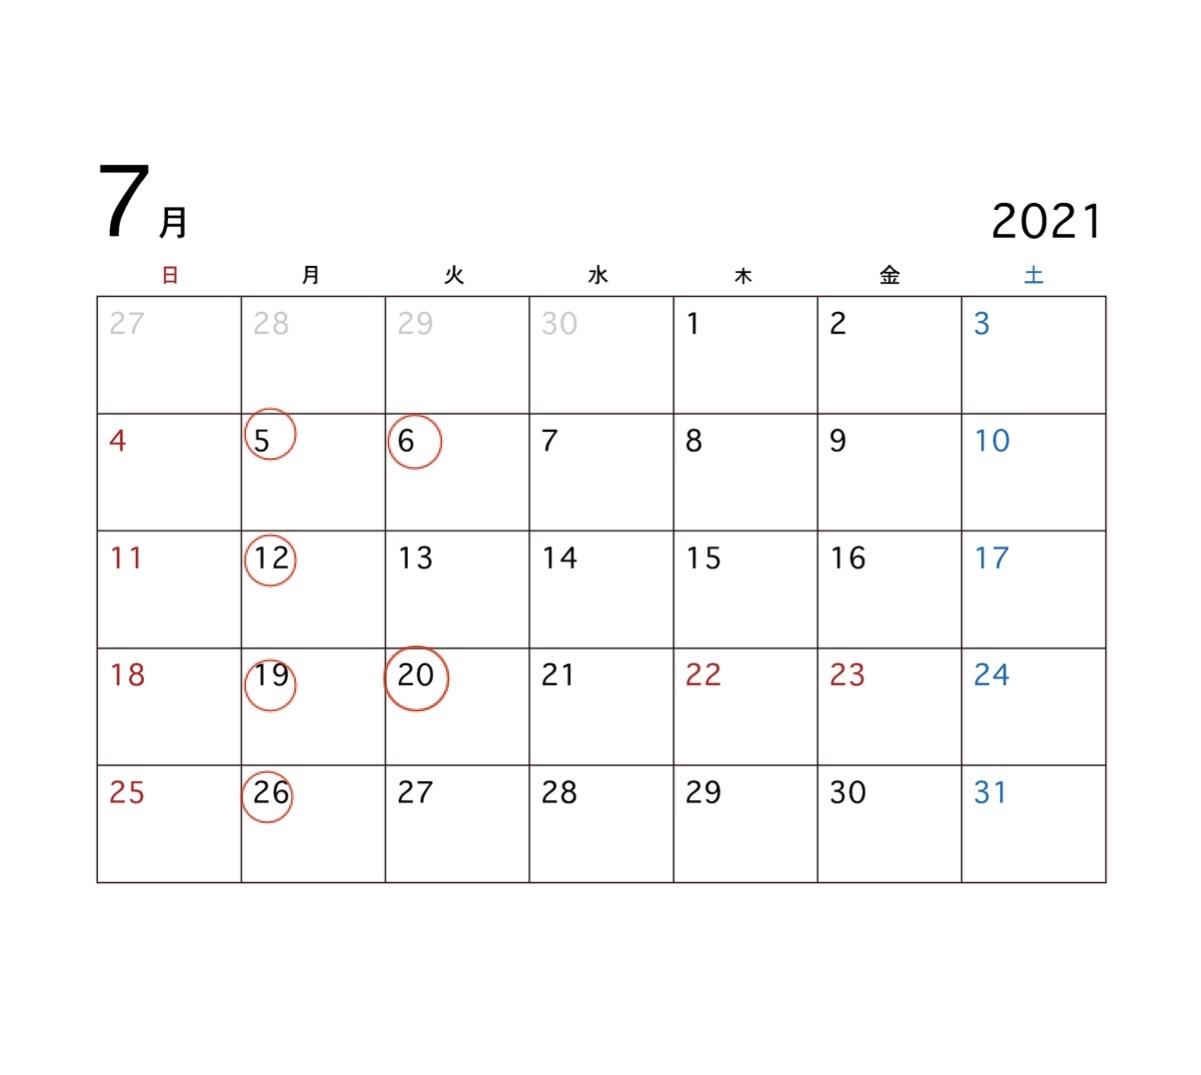 5AC07720-C432-4298-8D4A-9423AB73F0A3